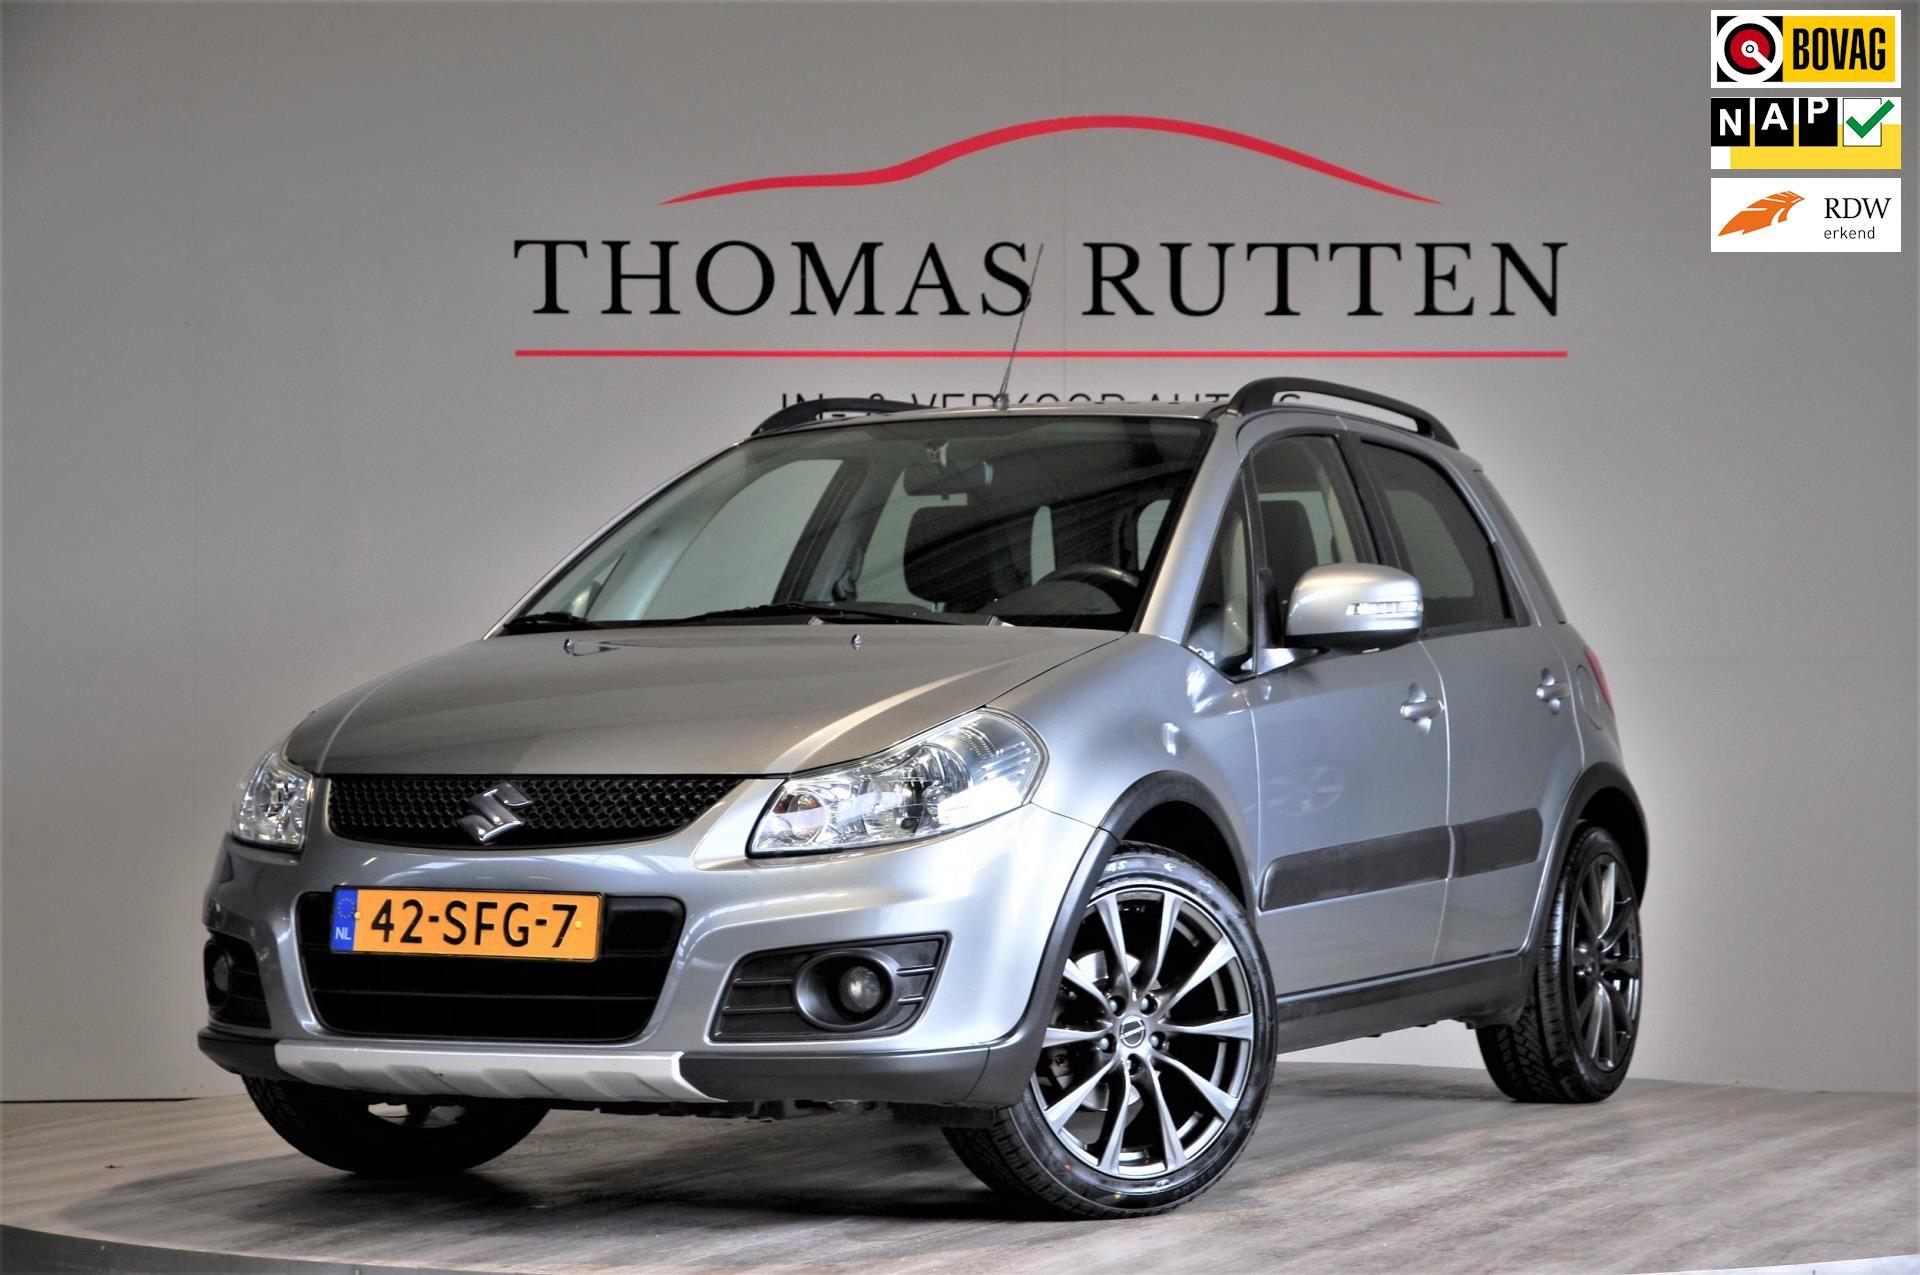 Suzuki SX4 occasion - Autobedrijf Thomas Rutten